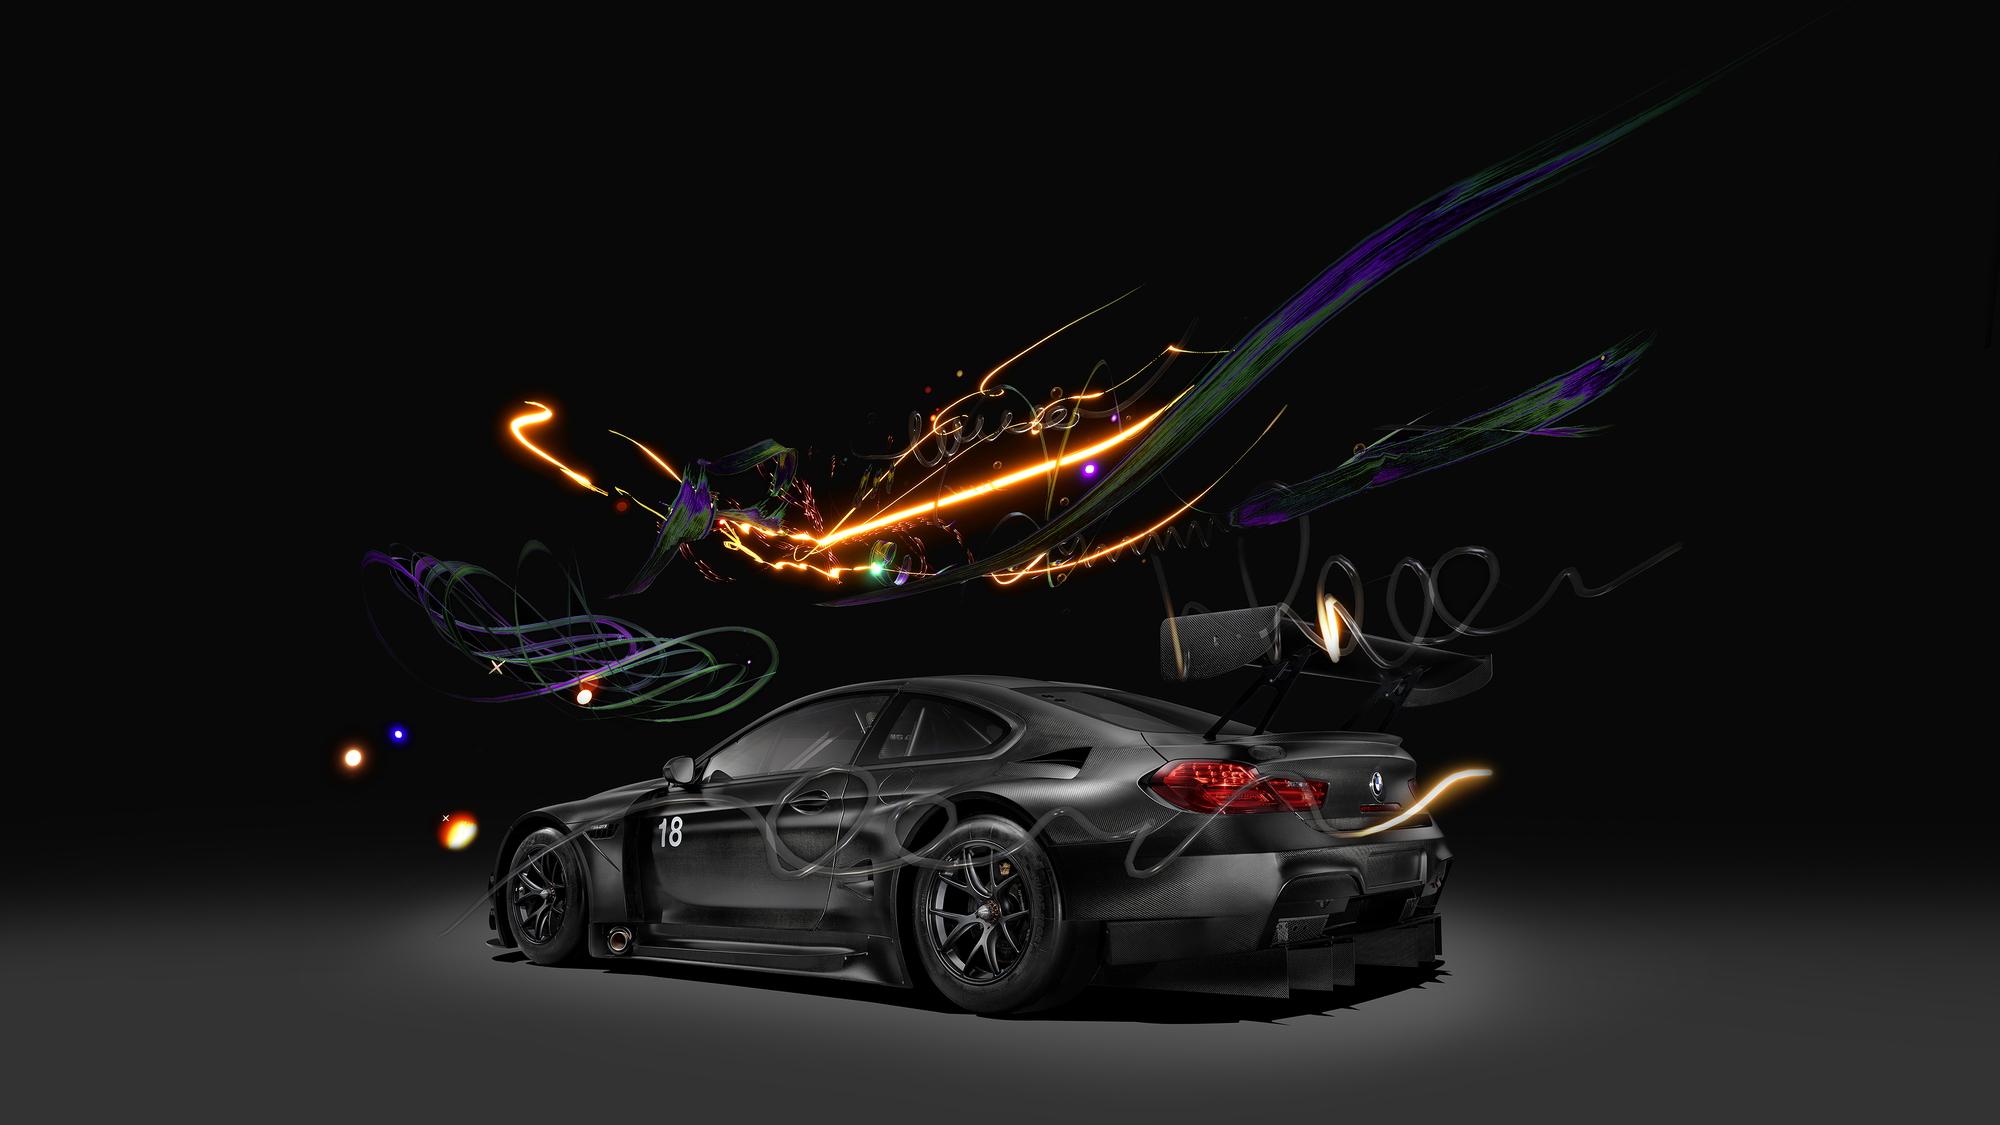 BMW M6 GT3 Art Car #18